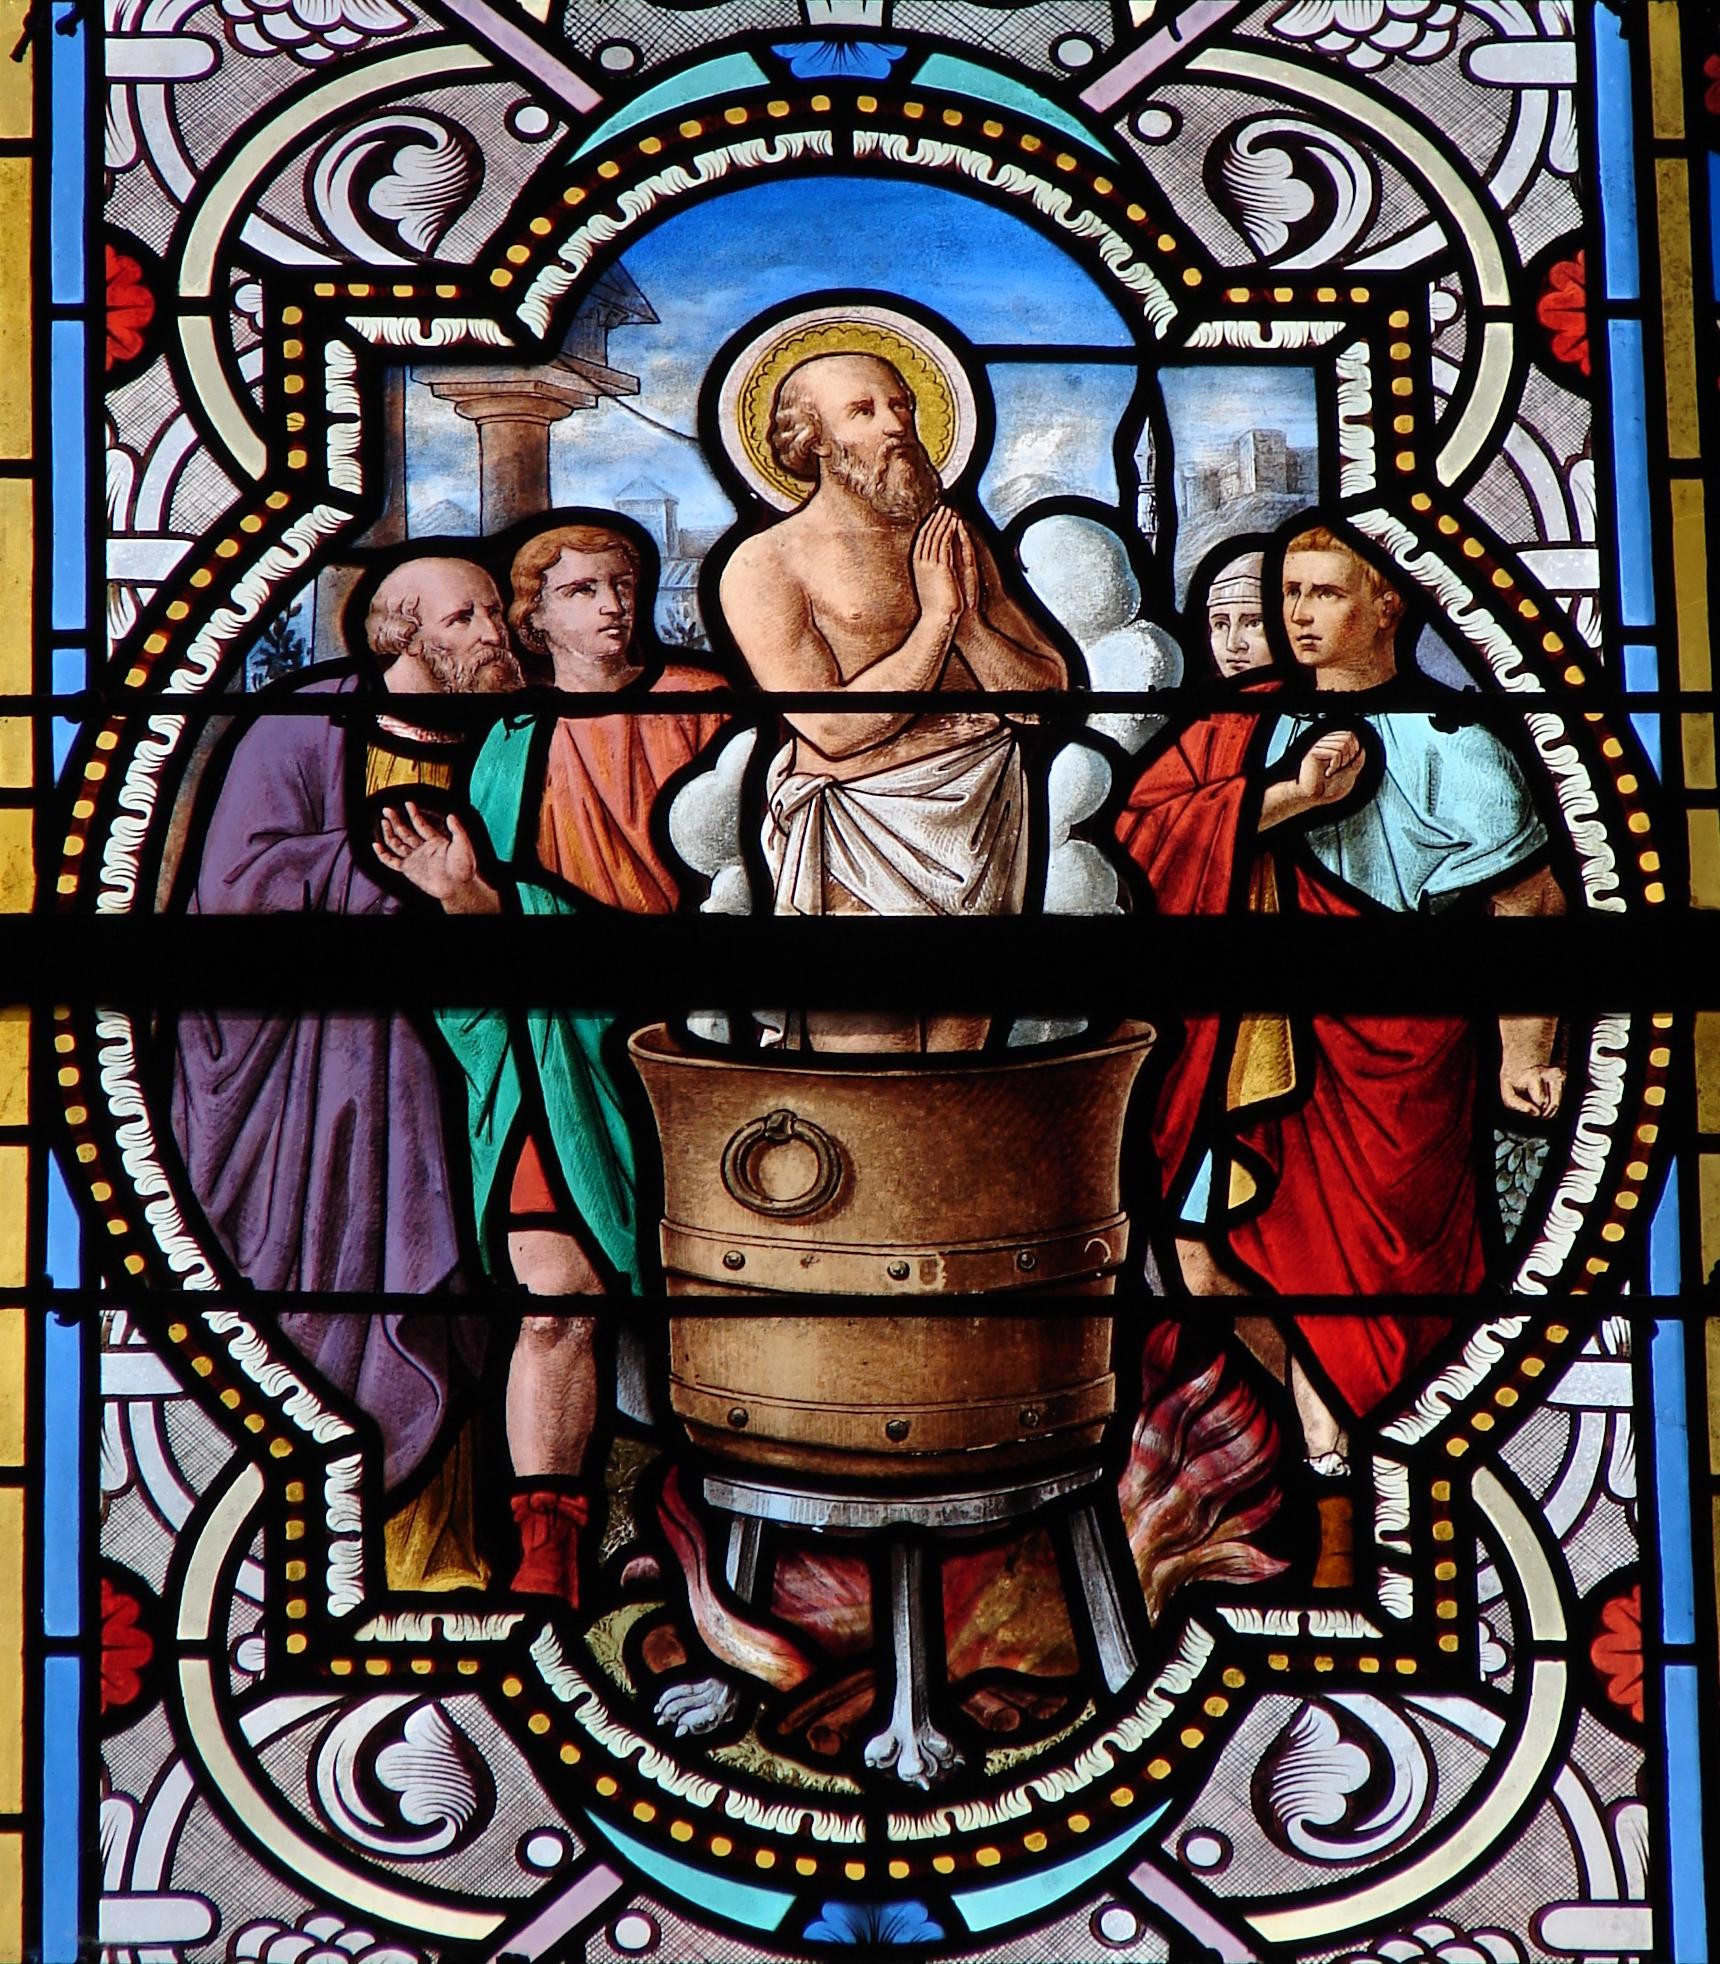 CALENDRIER CATHOLIQUE 2020 (Cantiques, Prières & Images) - Page 13 St-jean-devant-la...illante--5757f81